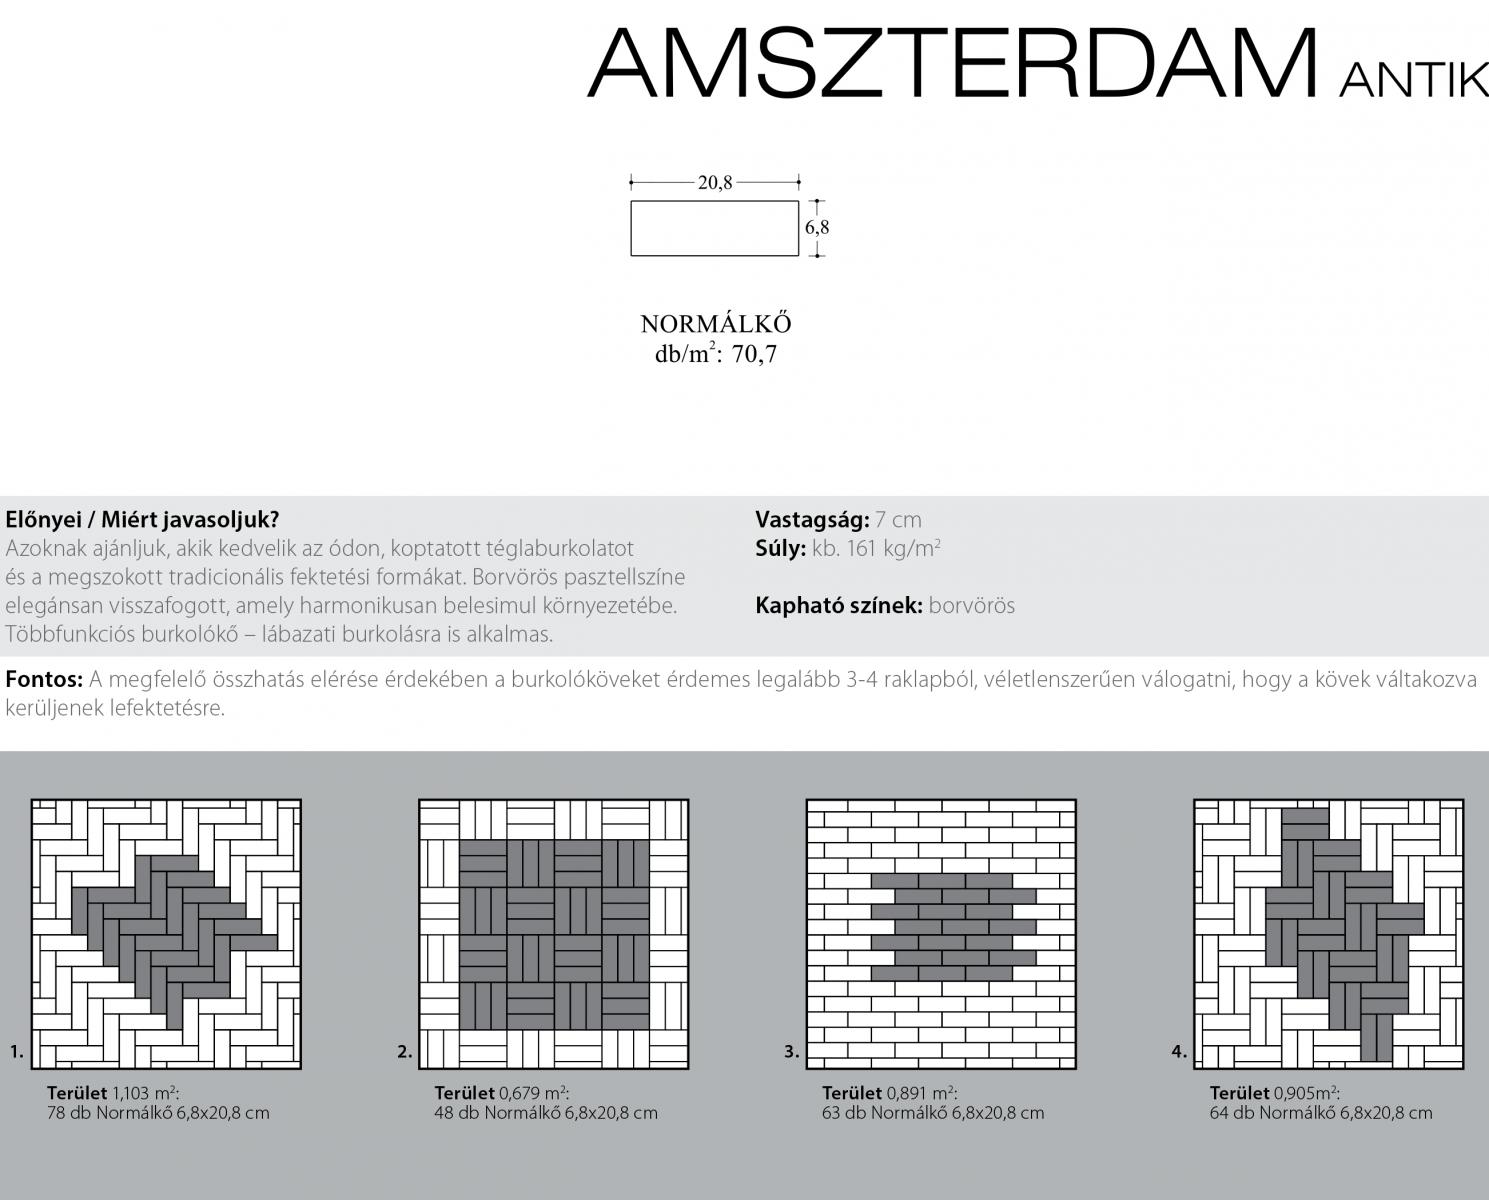 Amszterdam ódon technikai információi